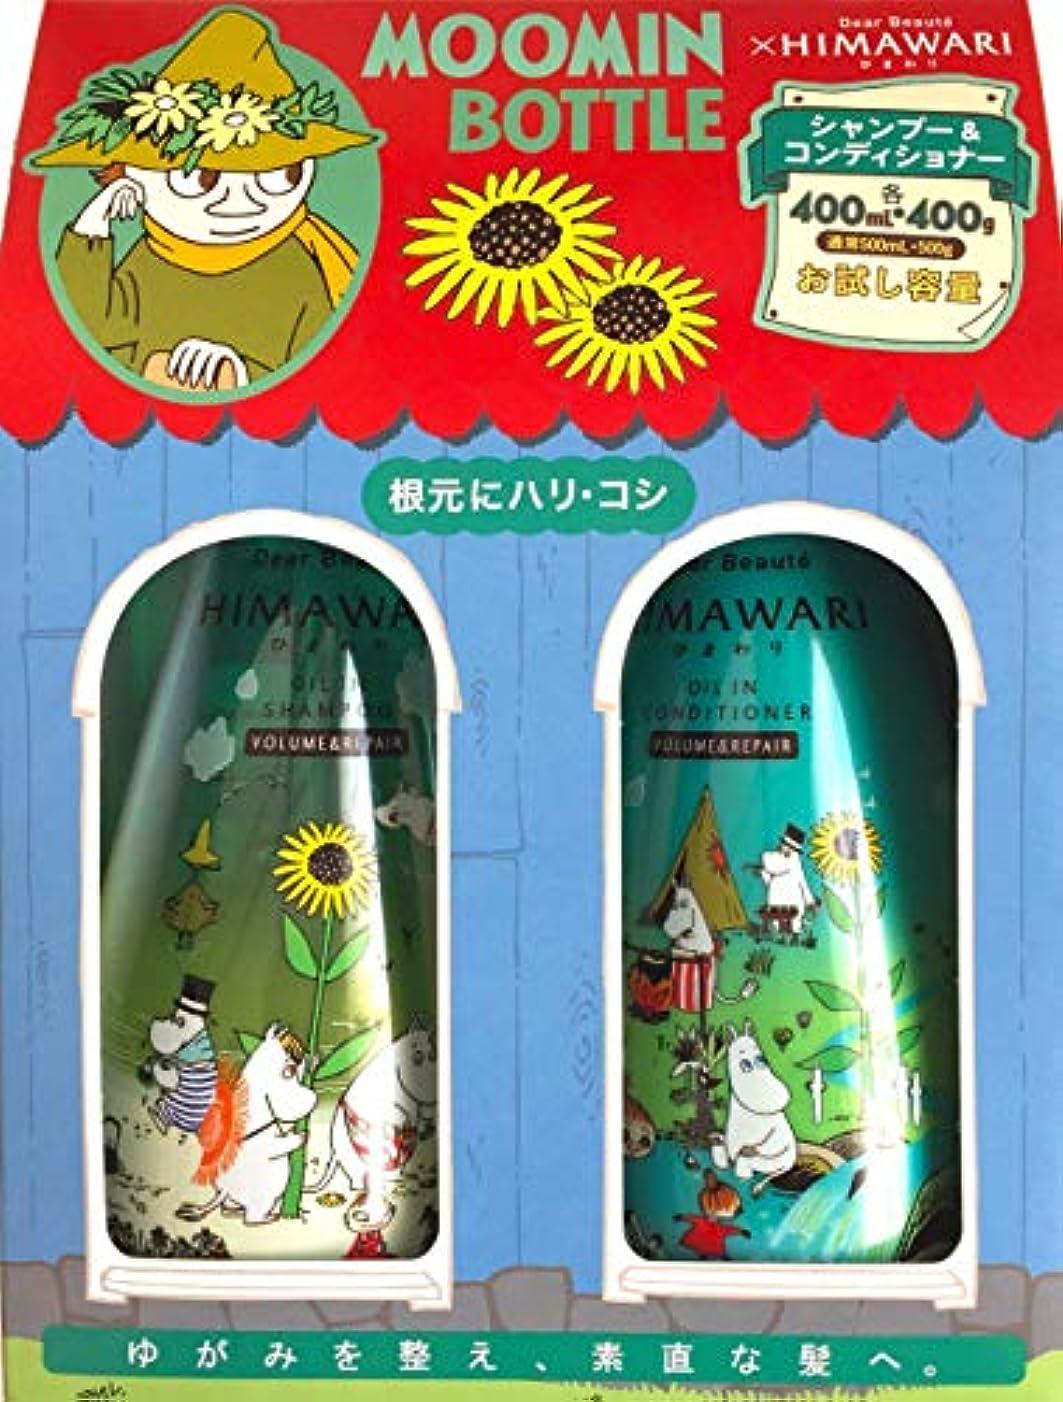 堀傾いたカートンディアボーテ HIMAWARI(ヒマワリ) ボリューム&リペア ムーミンデザイン おタメし容量ペアセット 400ml+400g